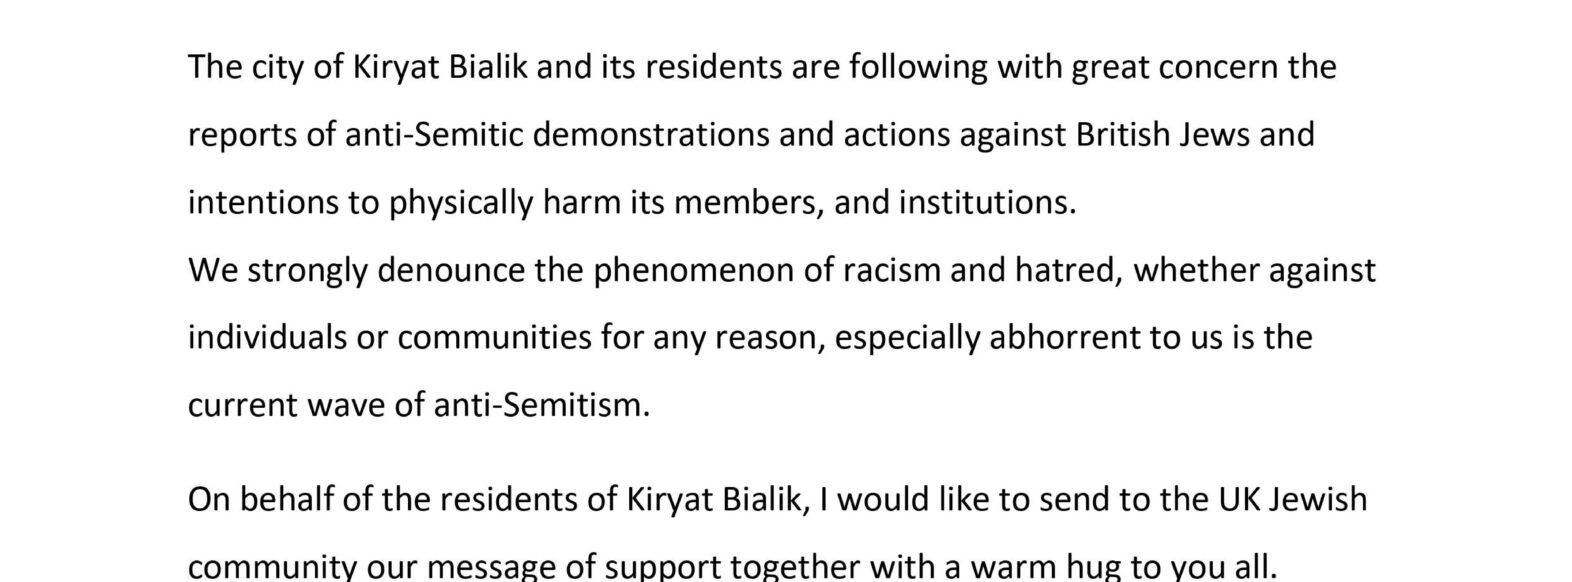 דוקורסקי מביע תמיכה בקהילה היהודית בבריטניה בשם תושבי קריית ביאליק